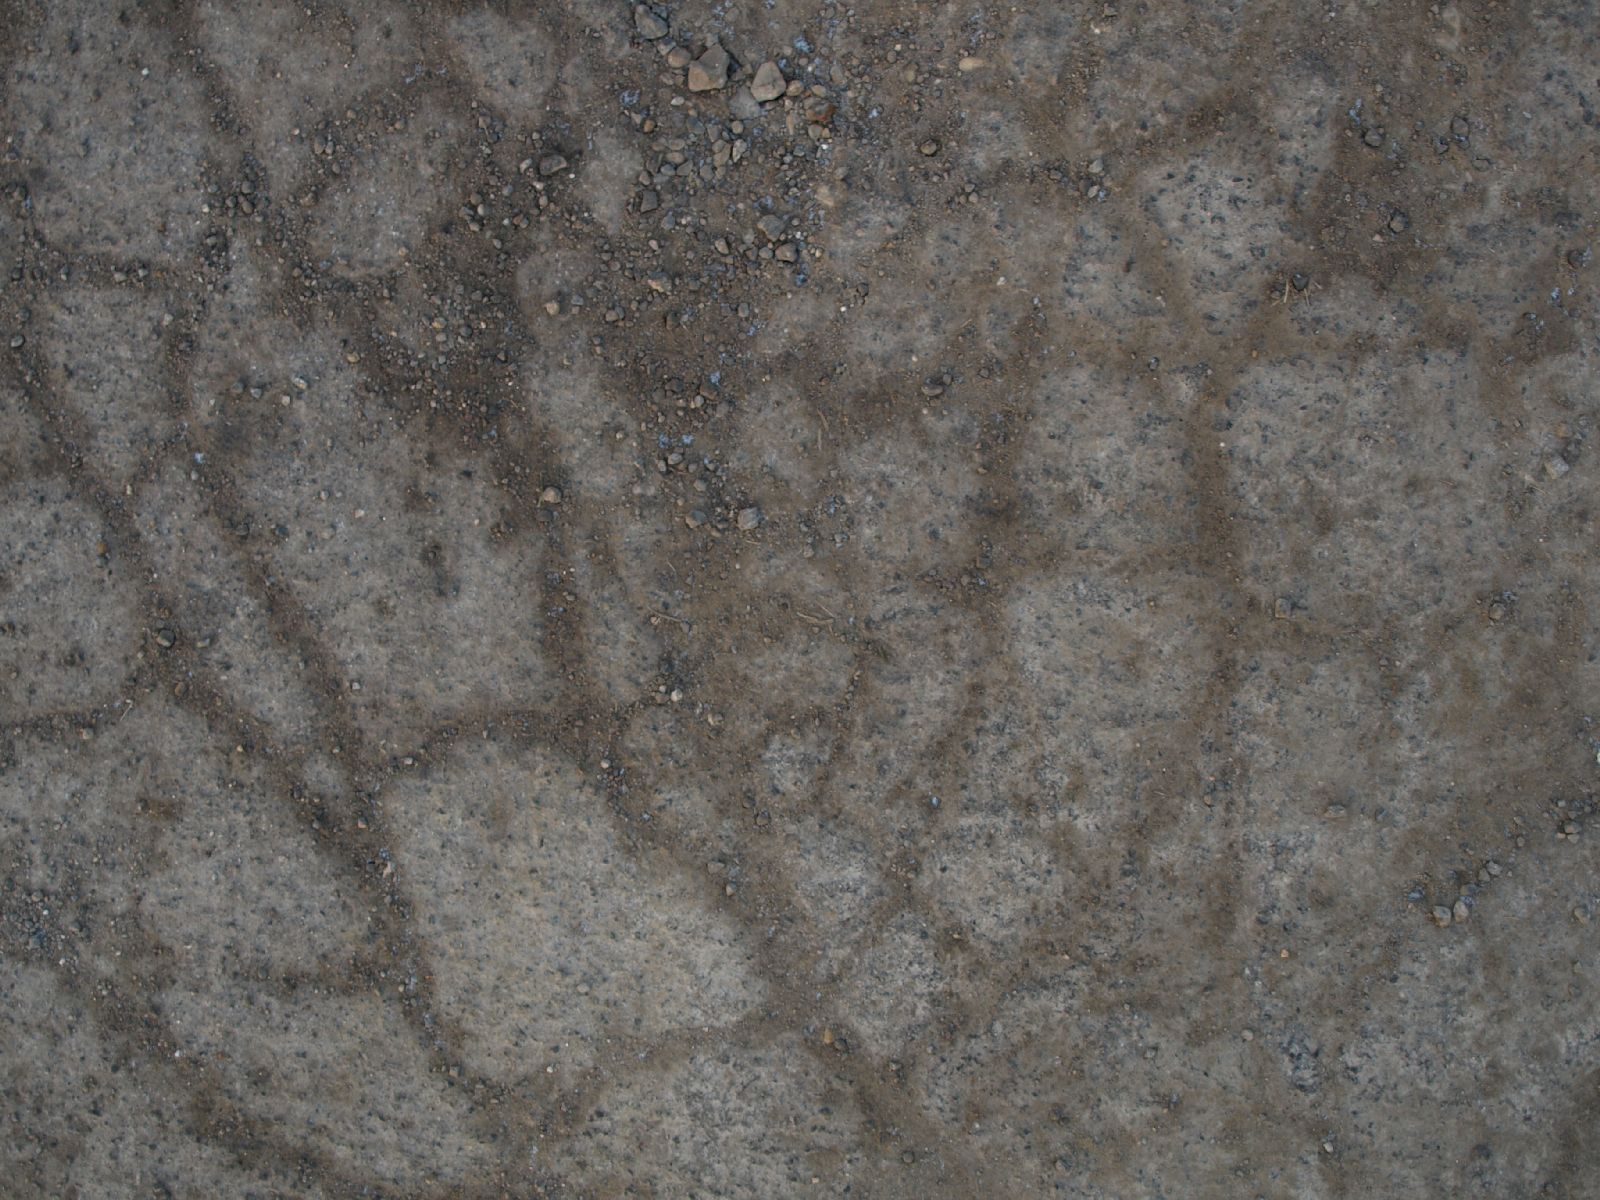 Boden-Gehweg-Strasse-Buergersteig-Textur_A_P1018633